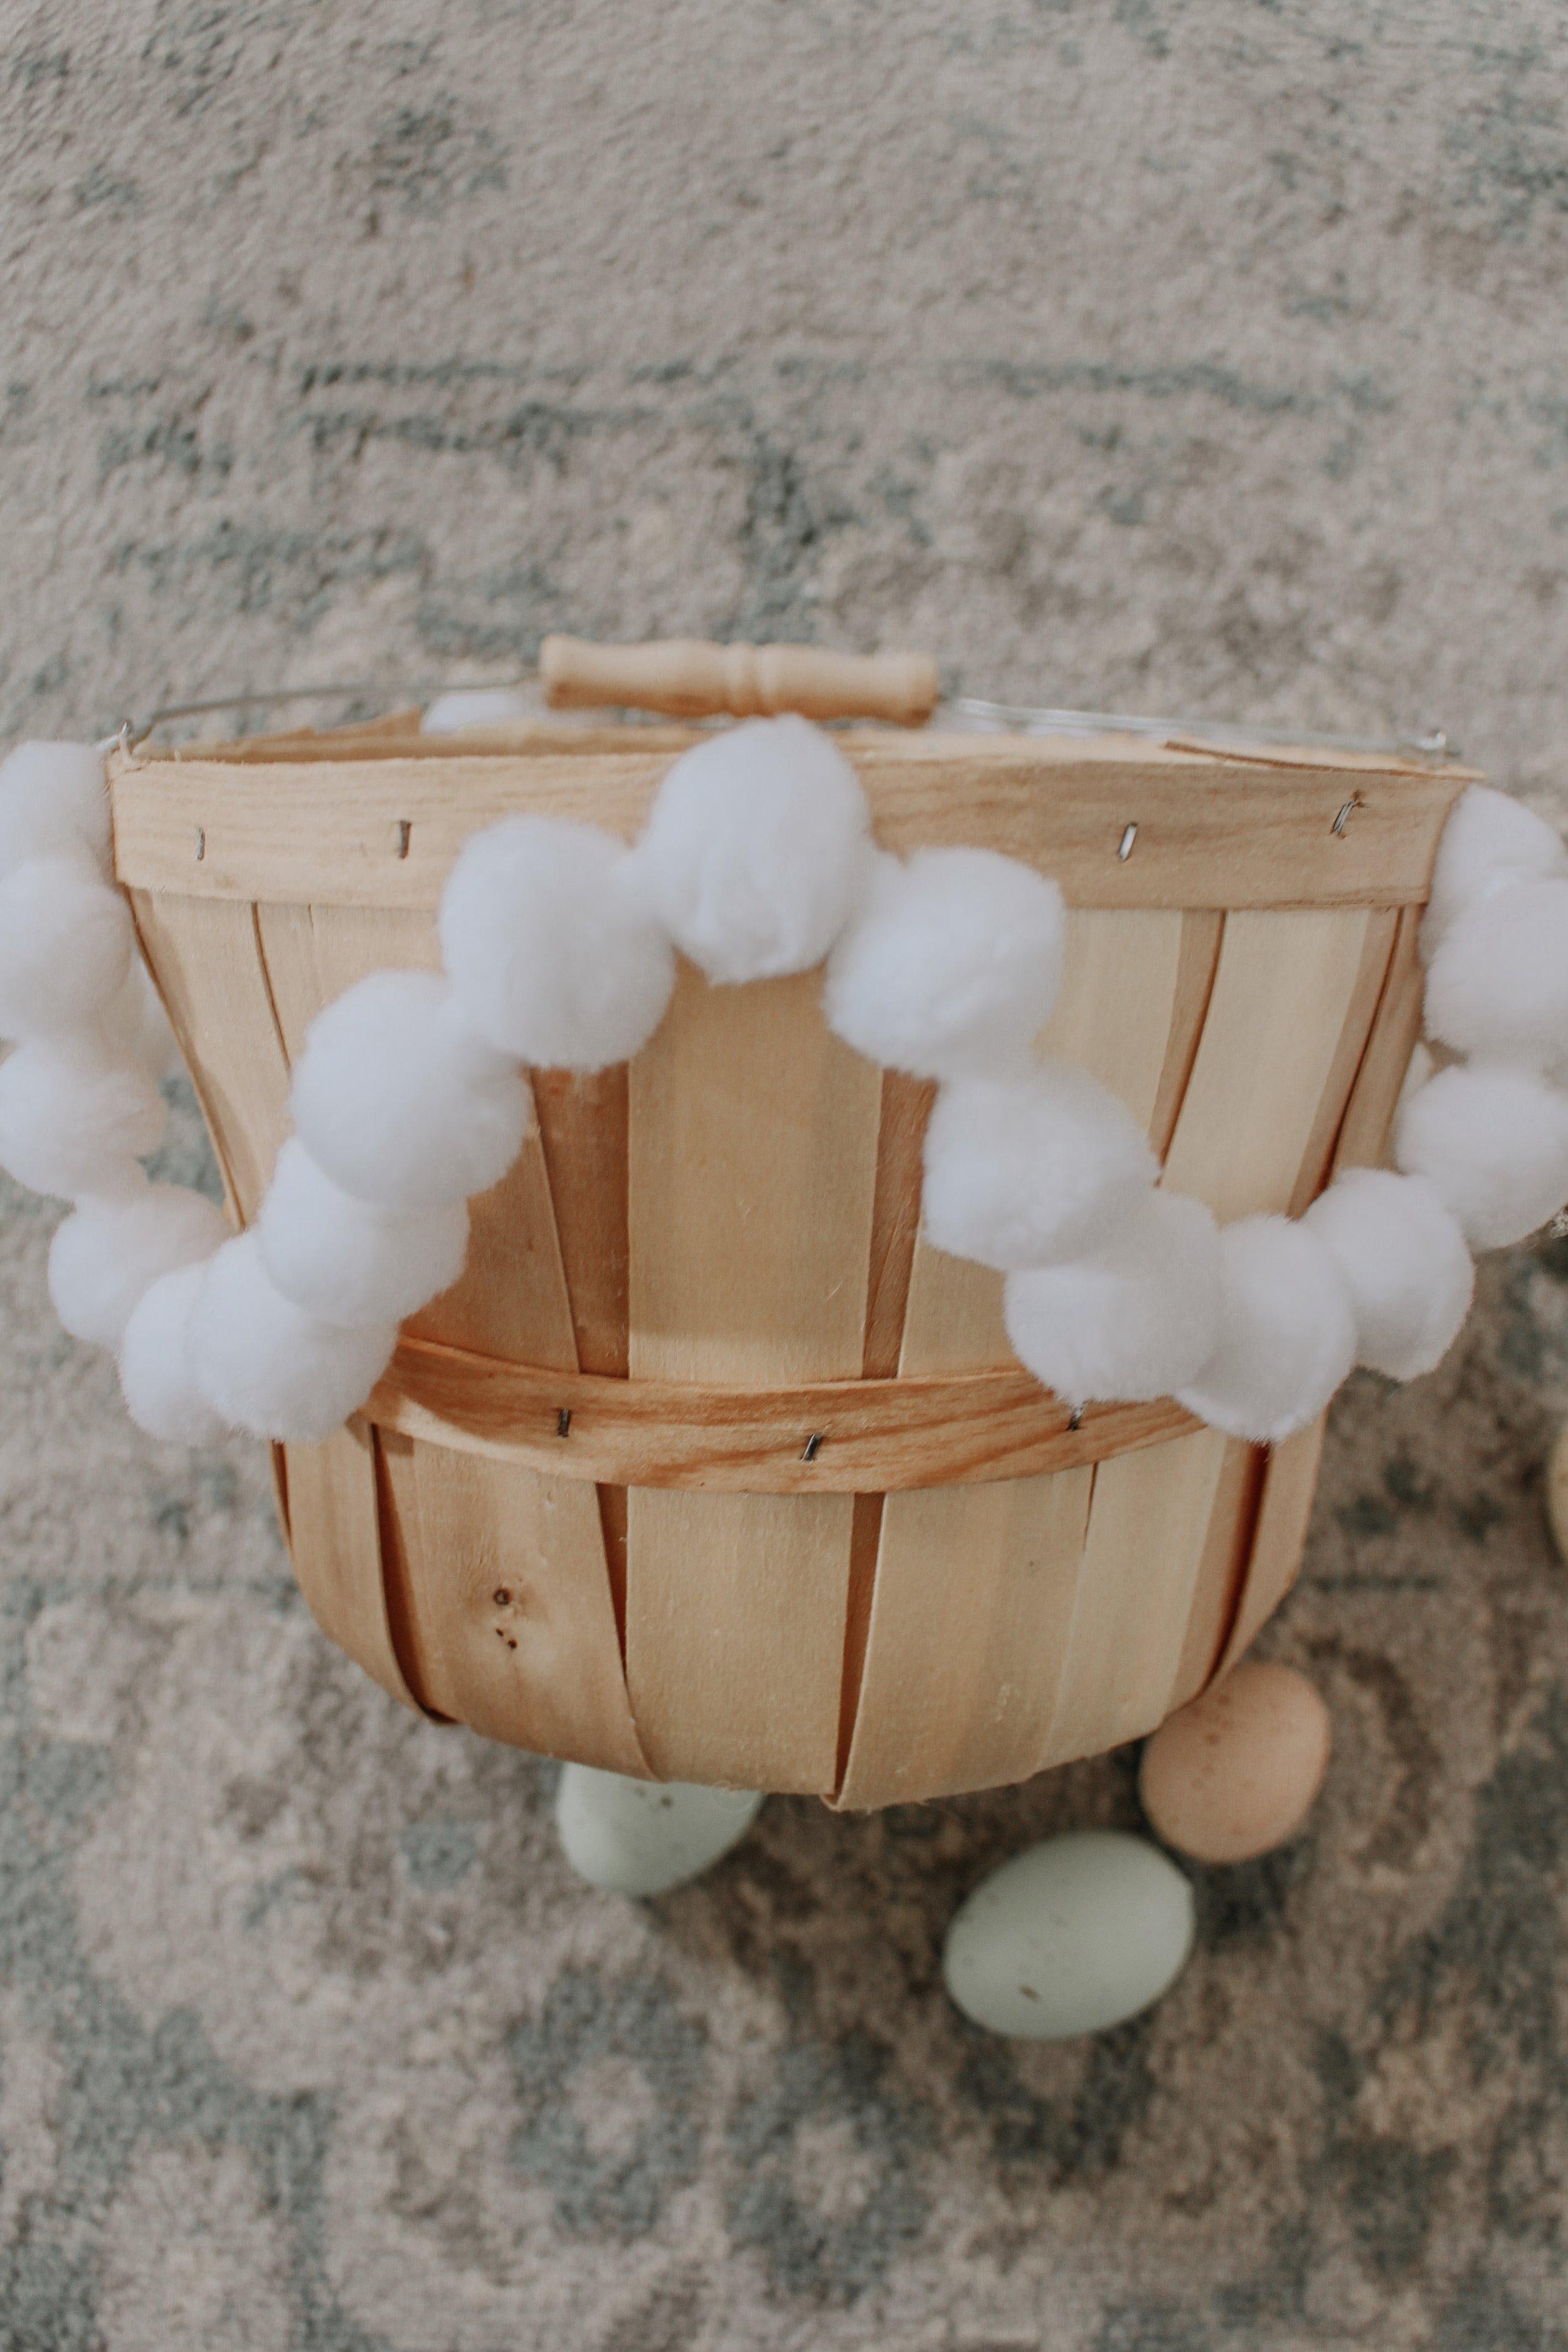 Easter Basket Assembly